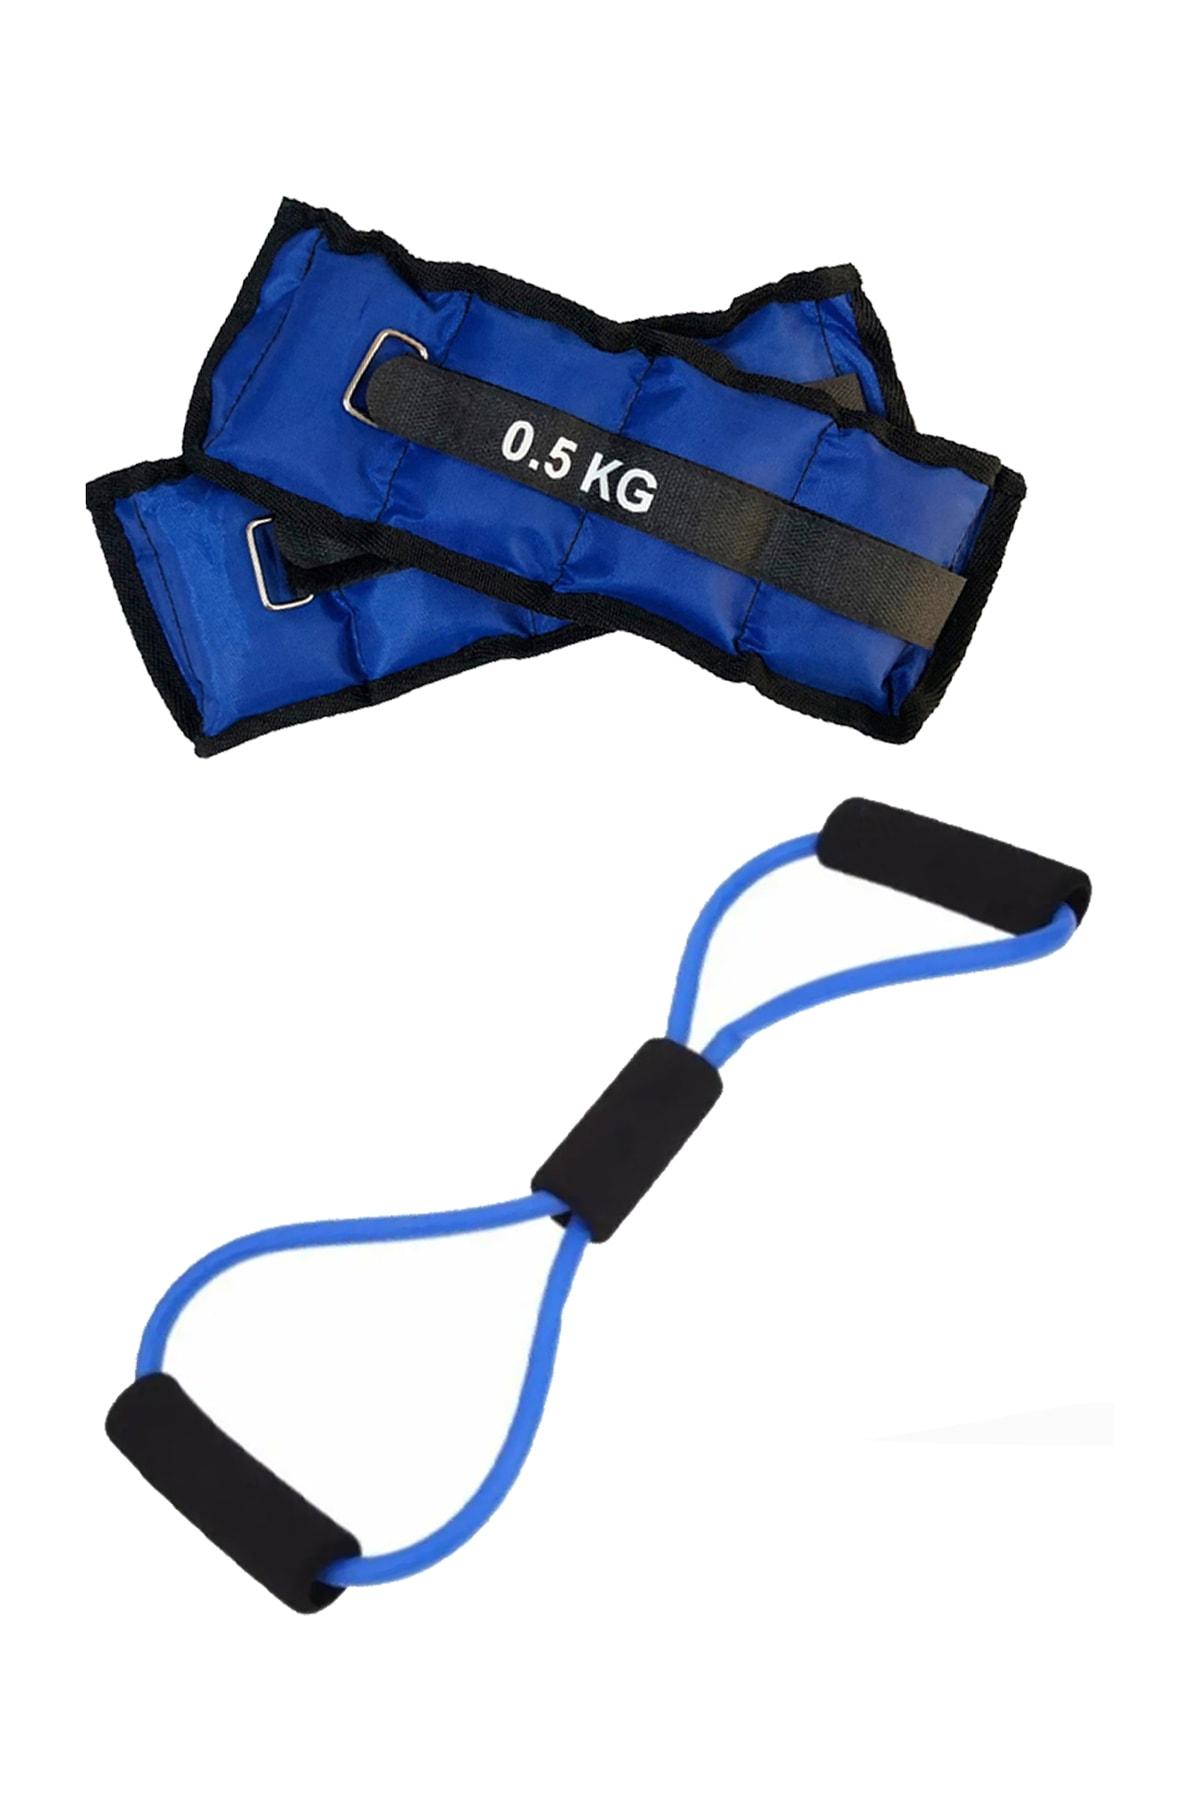 Jet Direnç Egzersiz Lastiği Tübülü Ve 0.5Kg El Ayak Bilek Ağırlığı Kum Torbası Pilates Seti 0